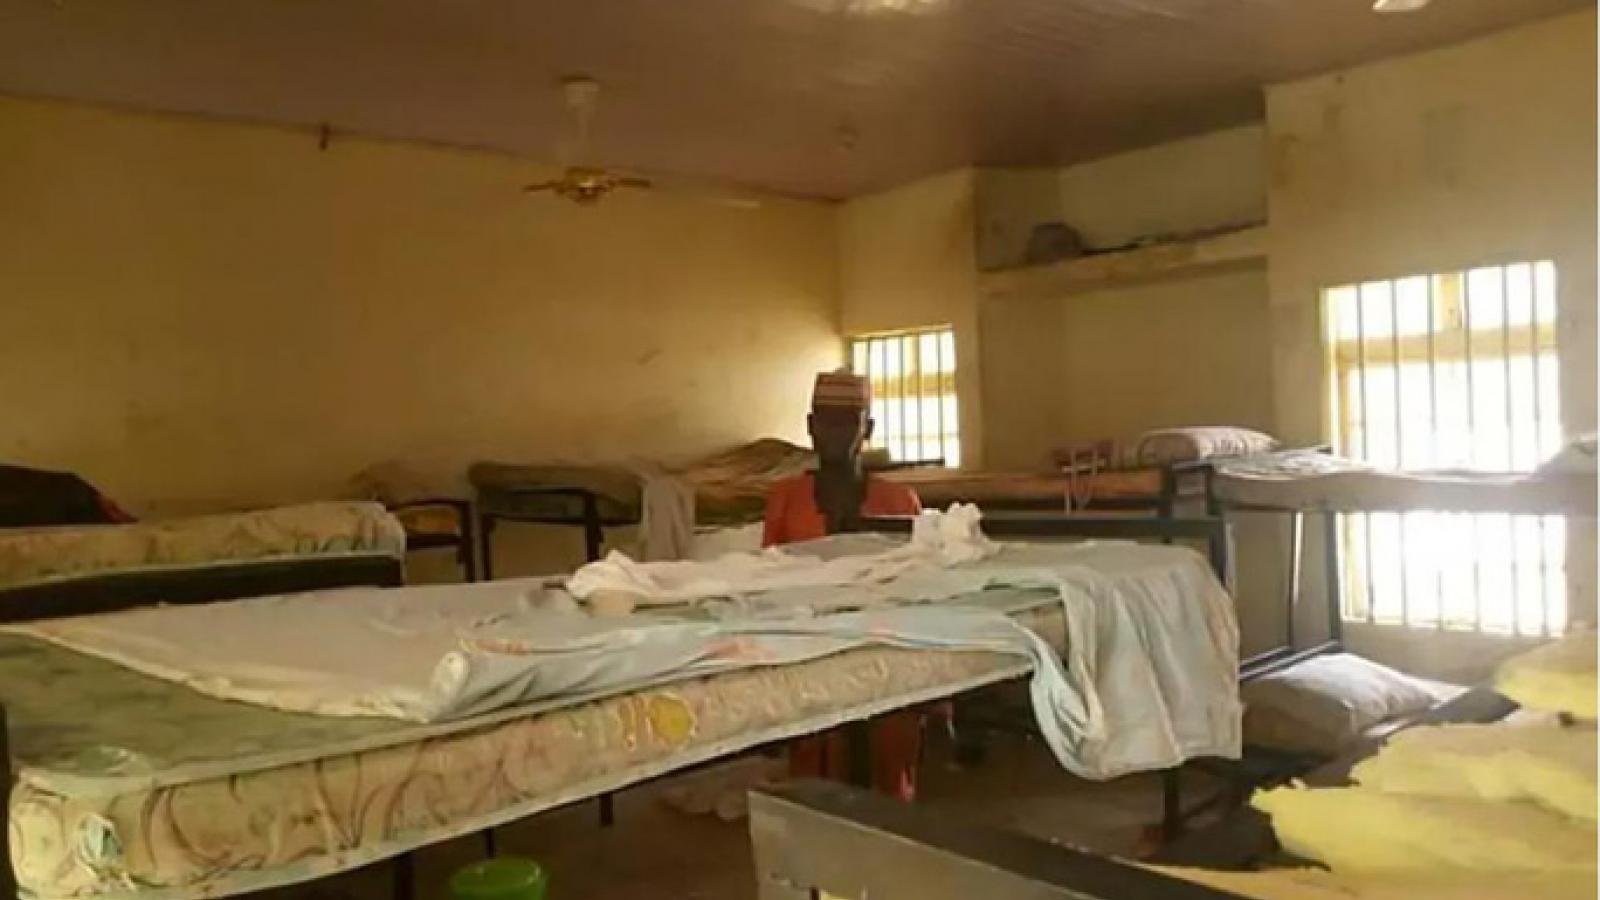 Nigieria ra lệnh đóng cửa trường nội trú sau vụ 317 nữ sinh bị bắt cóc